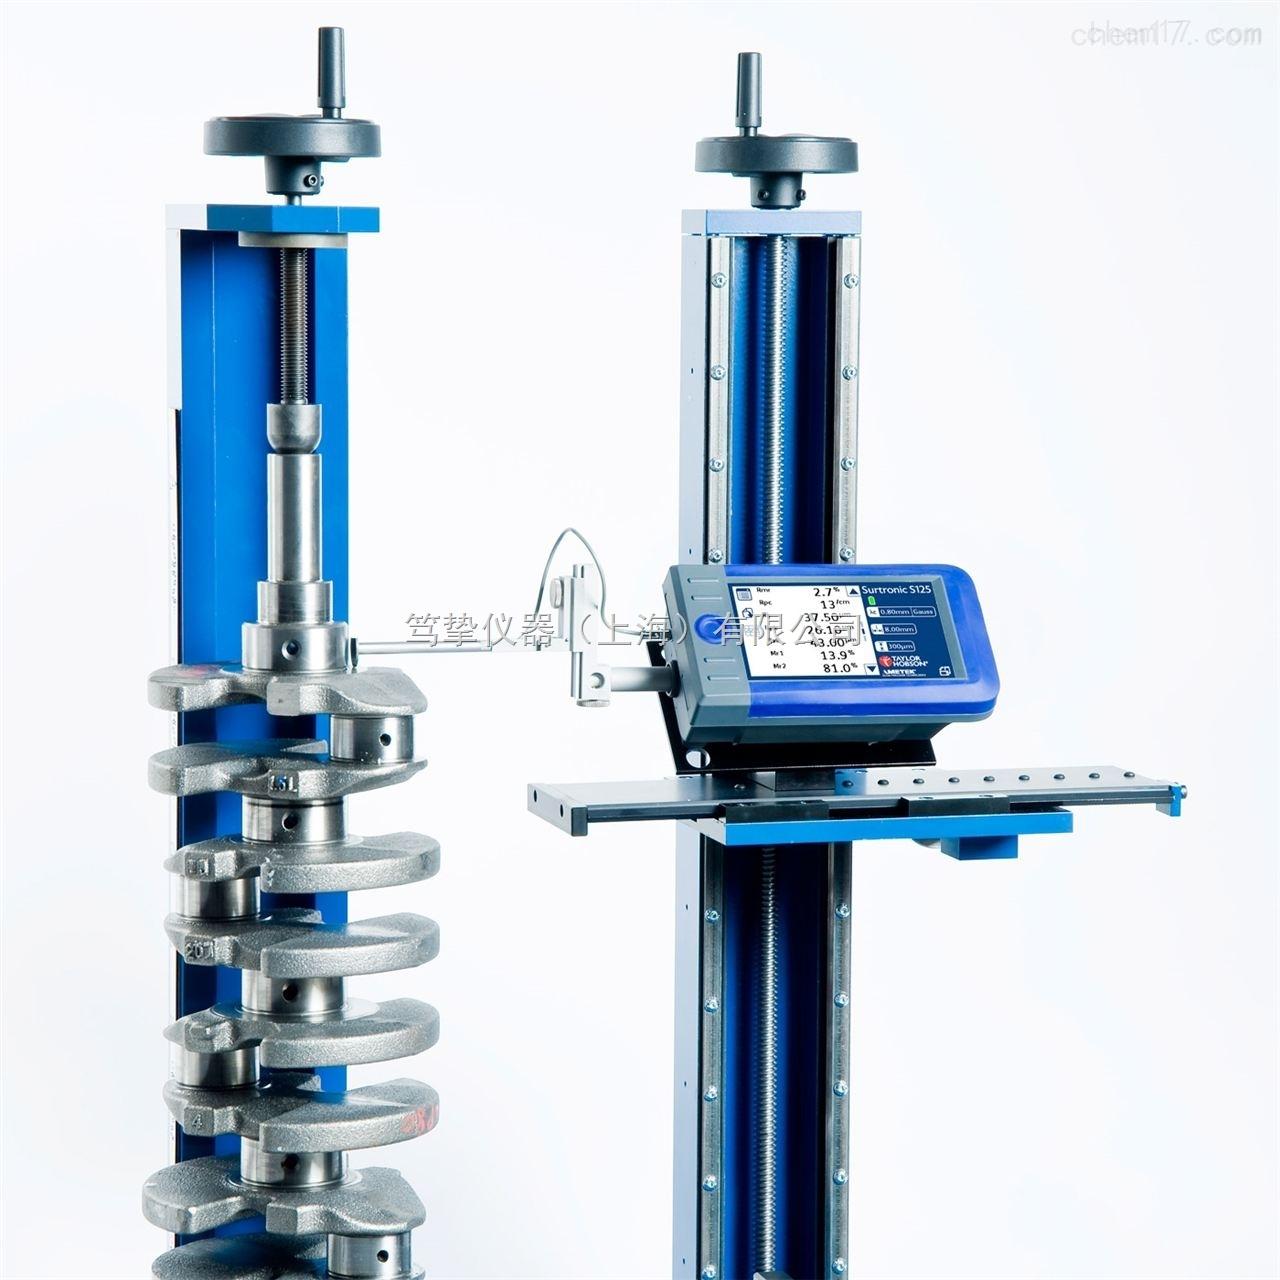 英国进口特惠价Surtronic S-128粗糙度仪